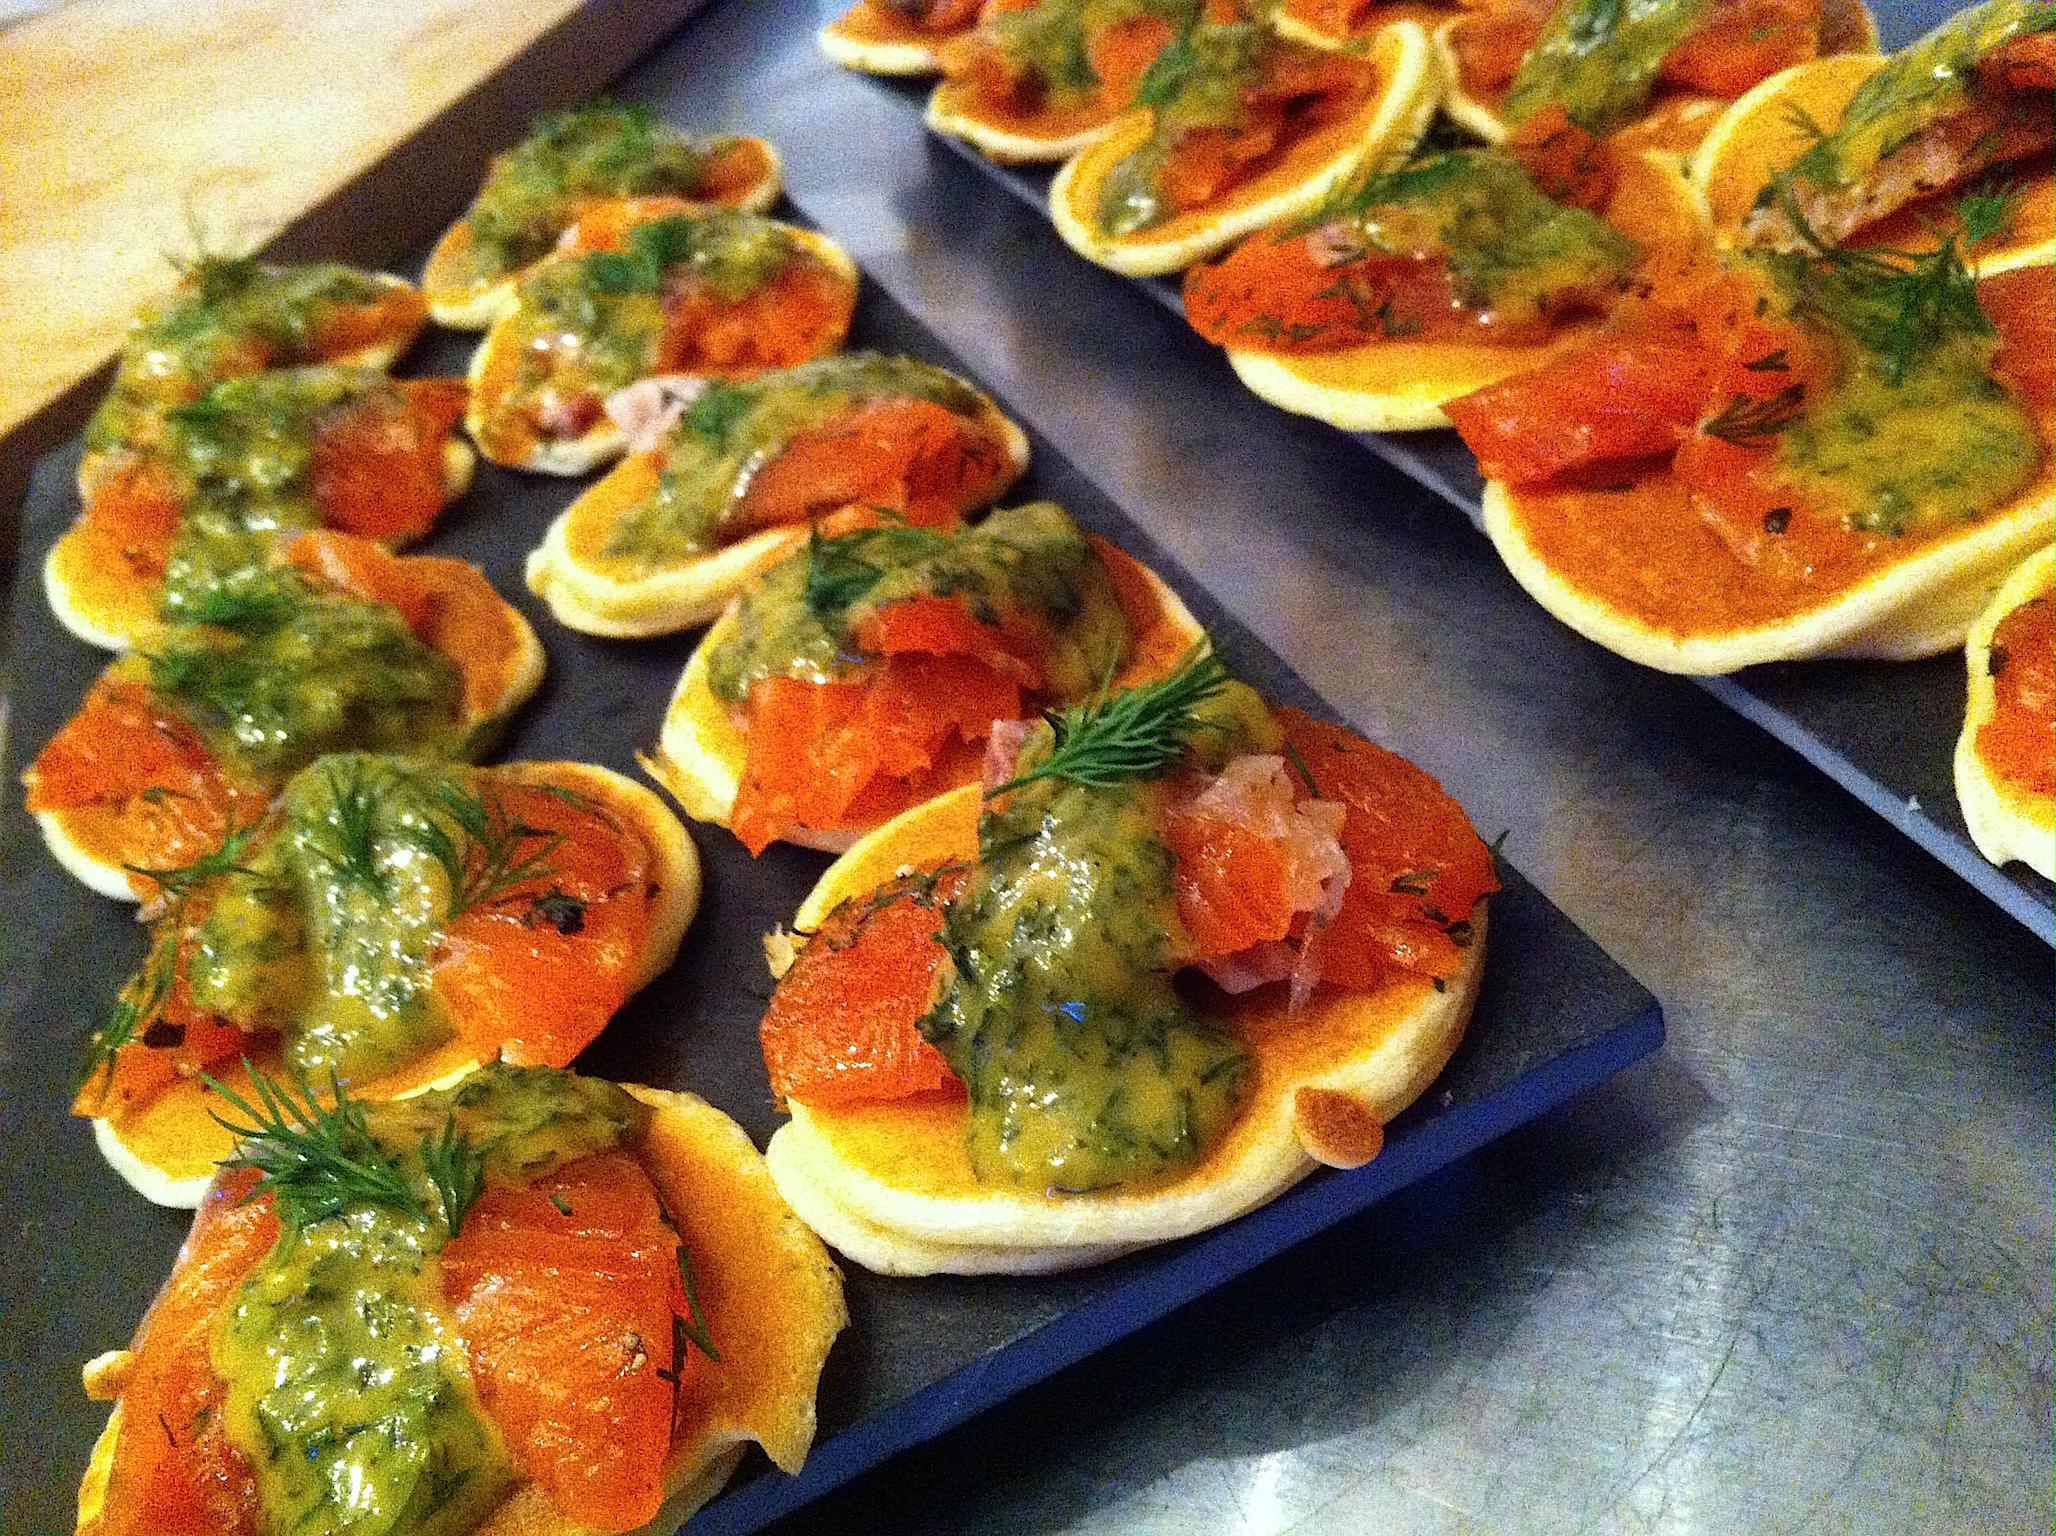 Exceptionnel Saumon Gravlax Sauce Norvégienne - La Cuisine de Micheline TN69